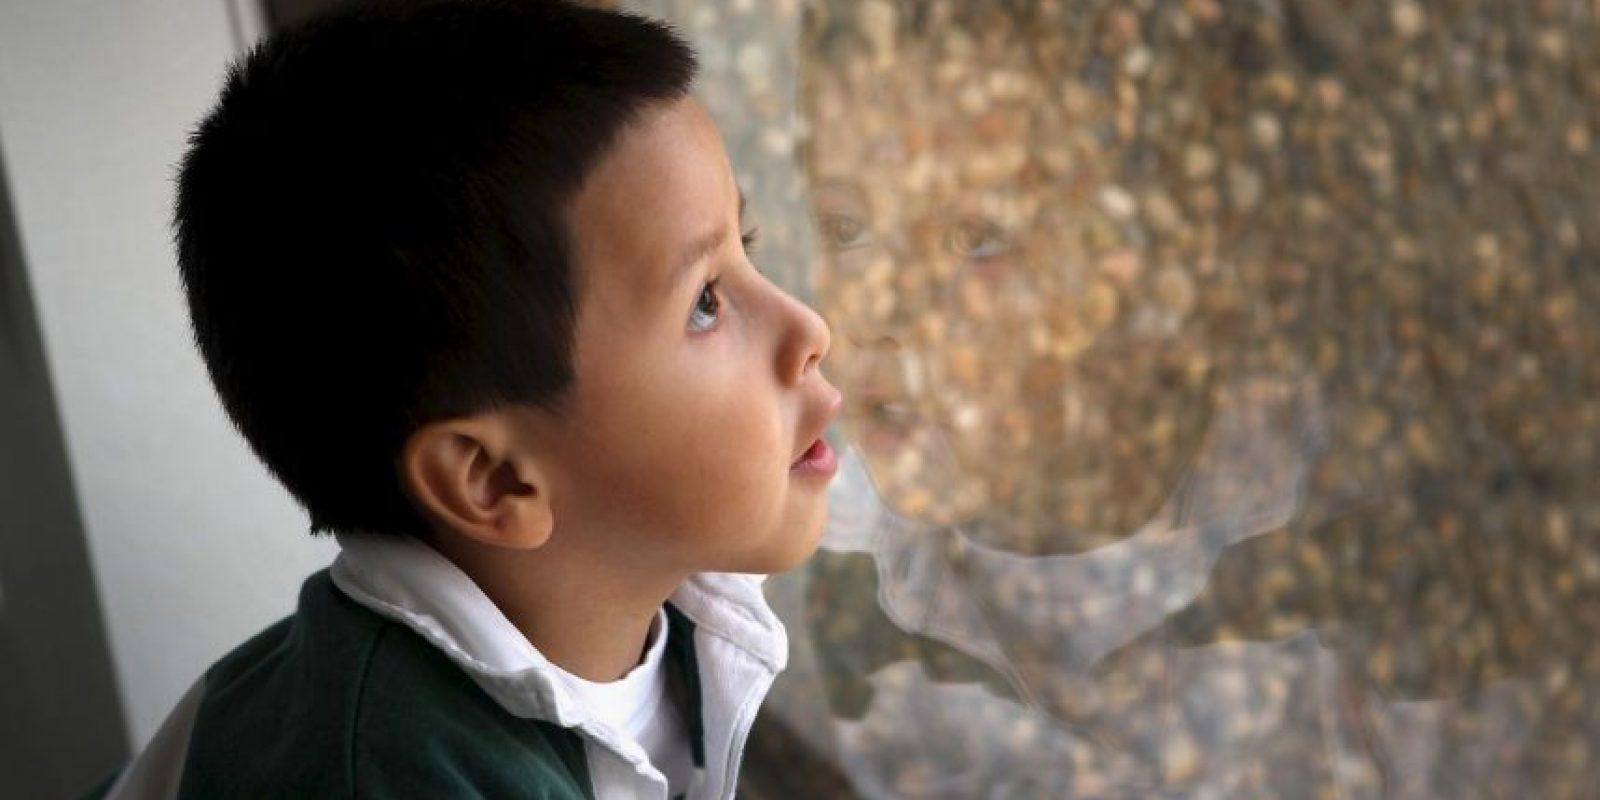 De acuerdo a datos dados a conocer por la UNICEF, hasta 2012 existían en el mundo más de 300 mil niños soldado en más de 30 conflictos armados Foto:Getty Images